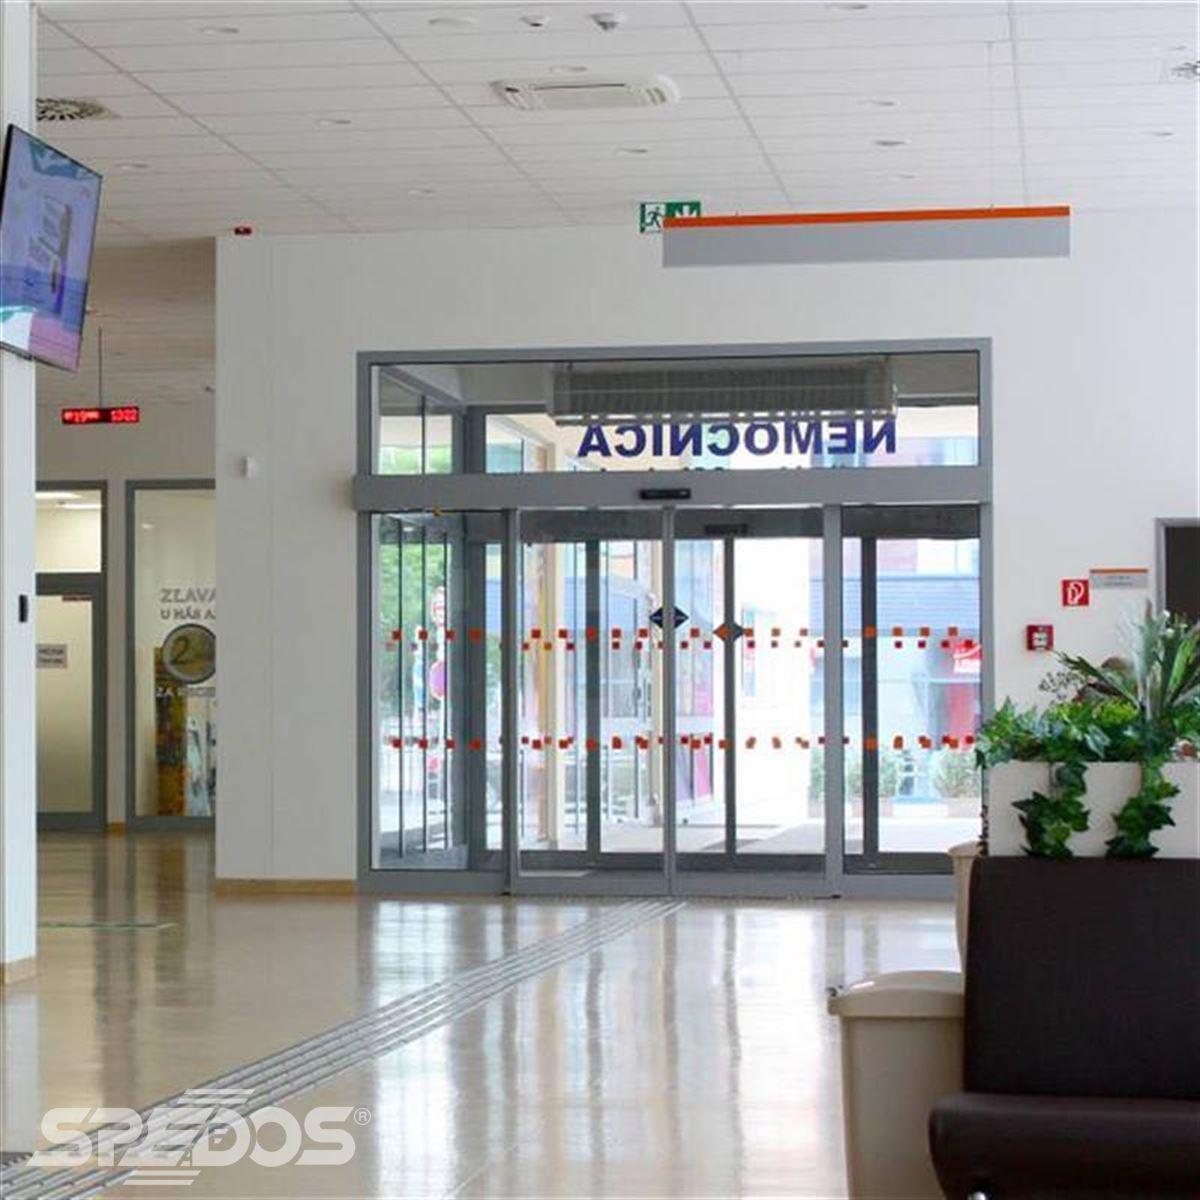 Dvoukřídlé automatické posuvné dveře pro nemocnici sv. Michala 2